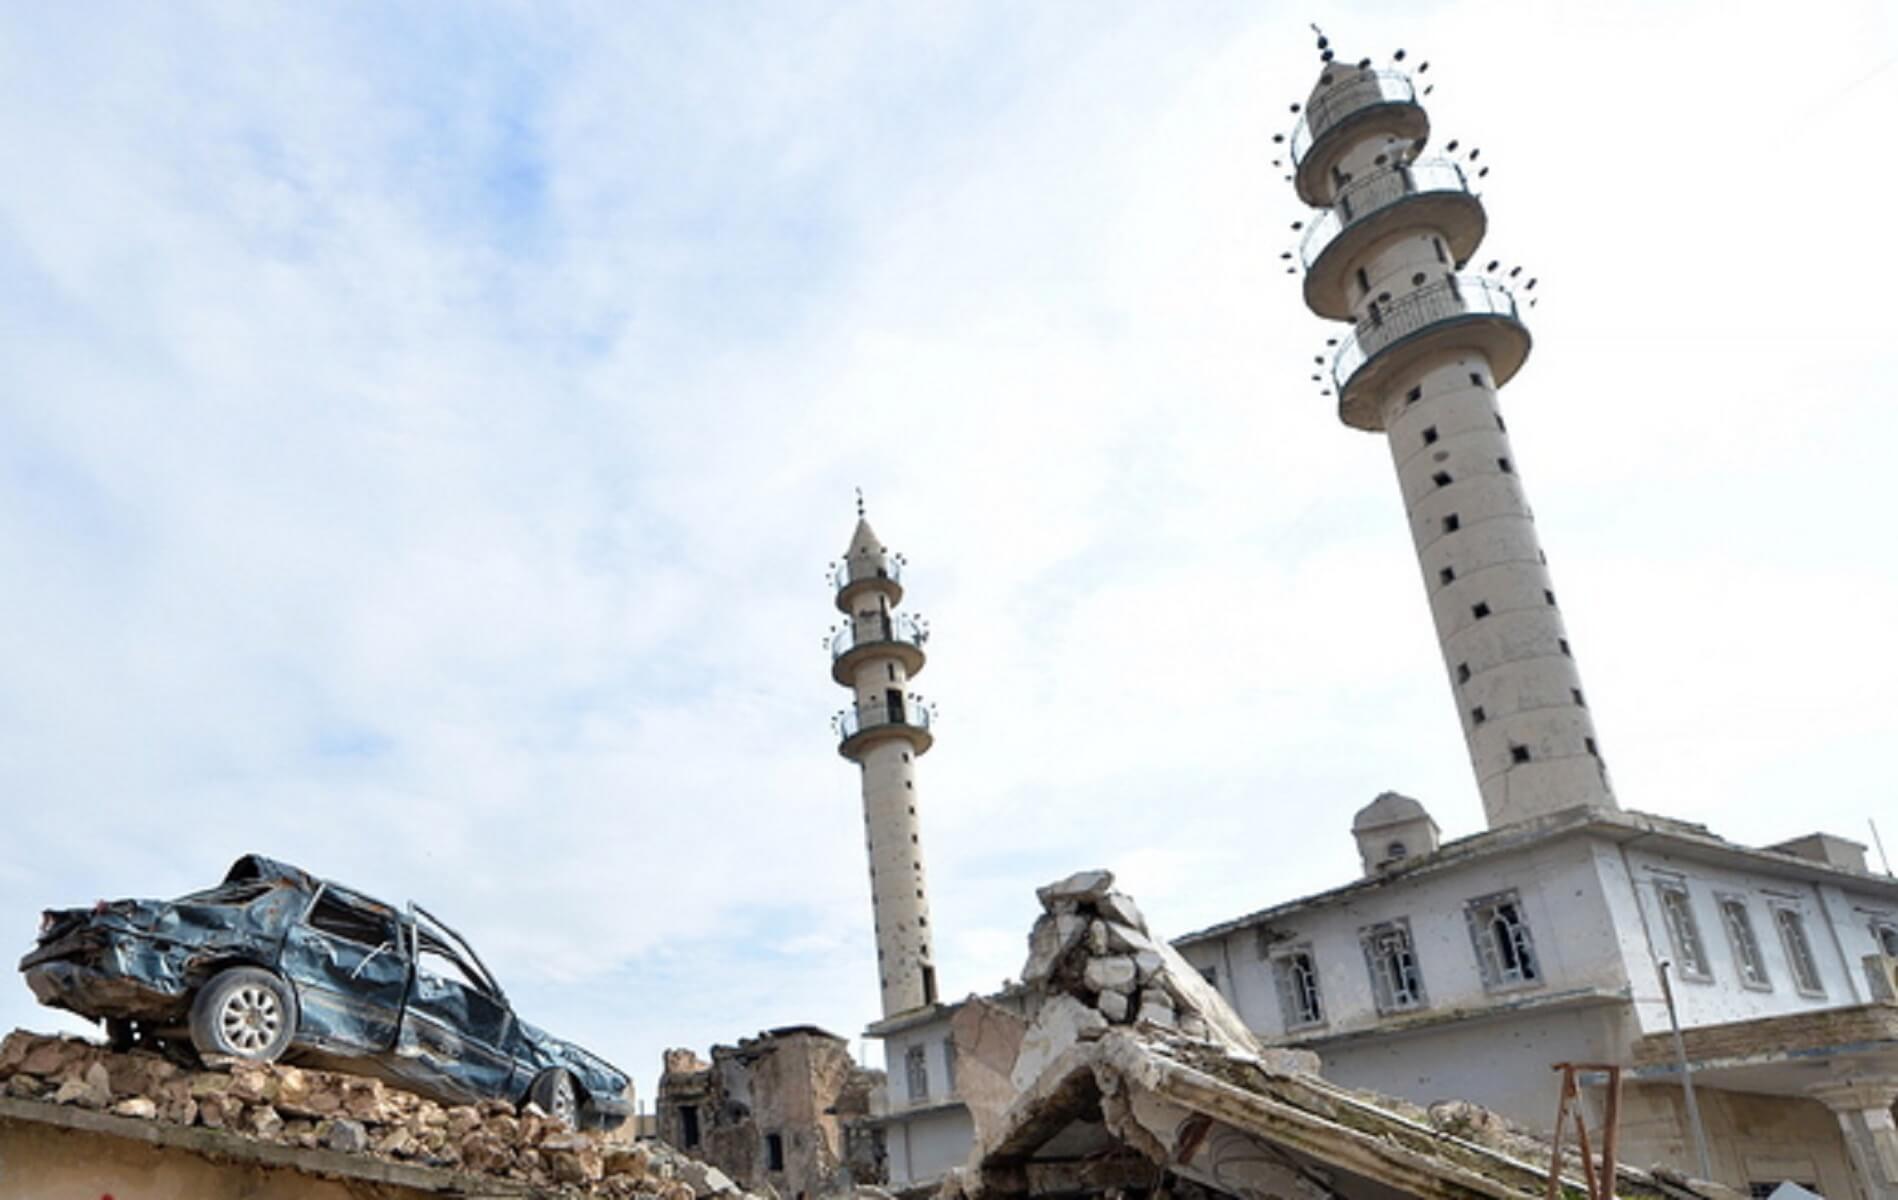 Ιράκ: Νέα προγράμματα για την διάσωση πολιτιστικής κληρονομιάς σε εμπόλεμες ζώνες